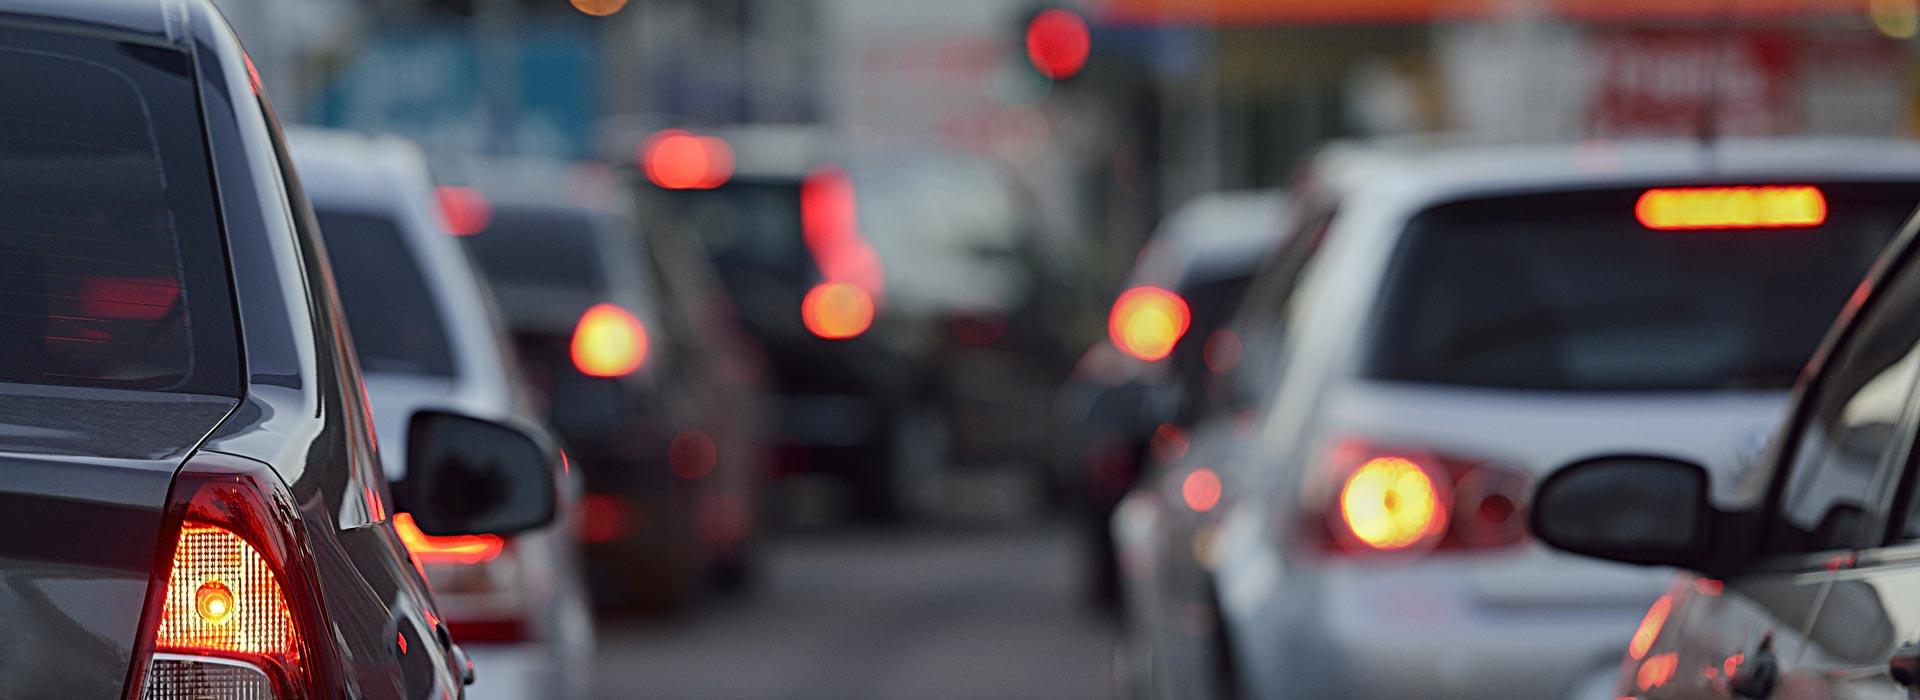 Ansa parla di SafeDrivePod per la sicurezza stradale